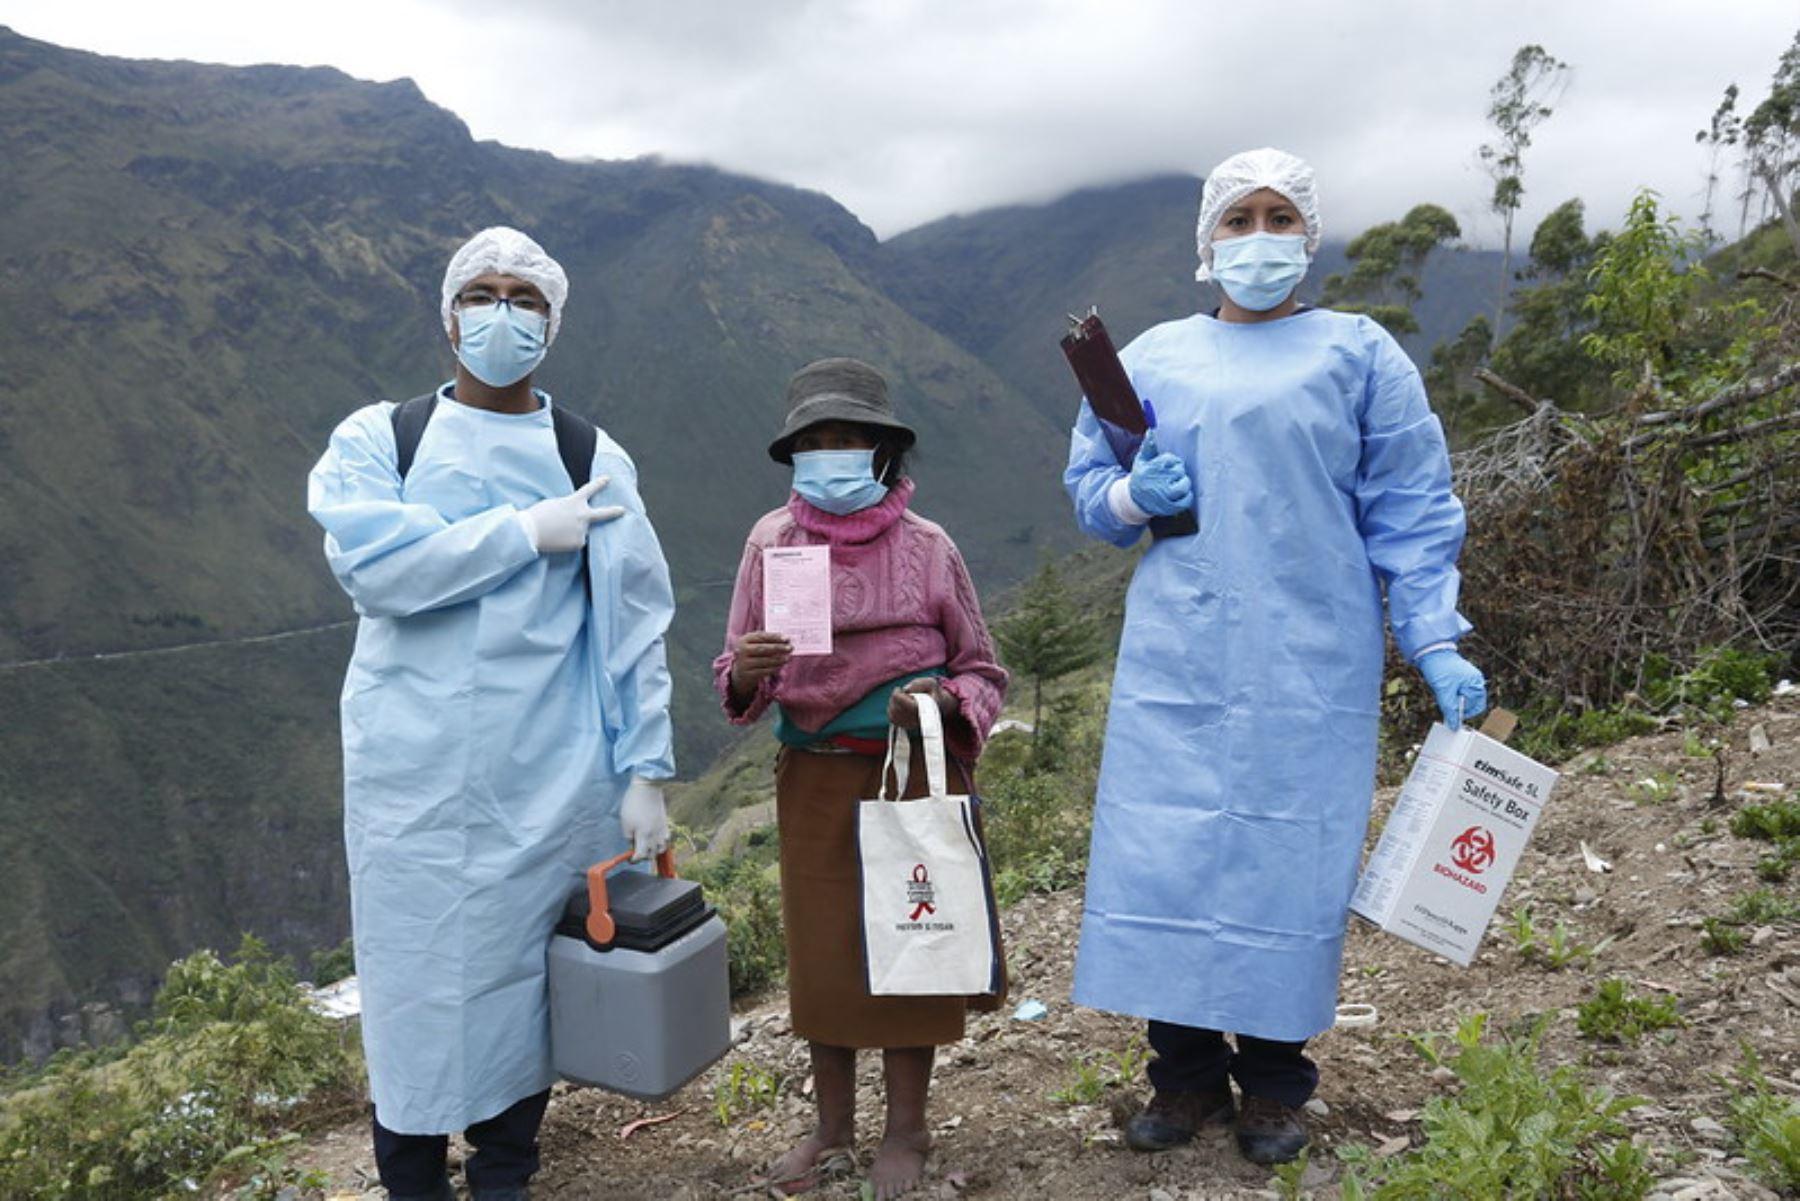 Brigadas de la Red de Salud Sandia visitaron chacra por chacra a las familias de la comunidad de Llamani, región Puno, para reforzar el cierre de brechas de vacunación contra la covid-19. Foto: Minsa